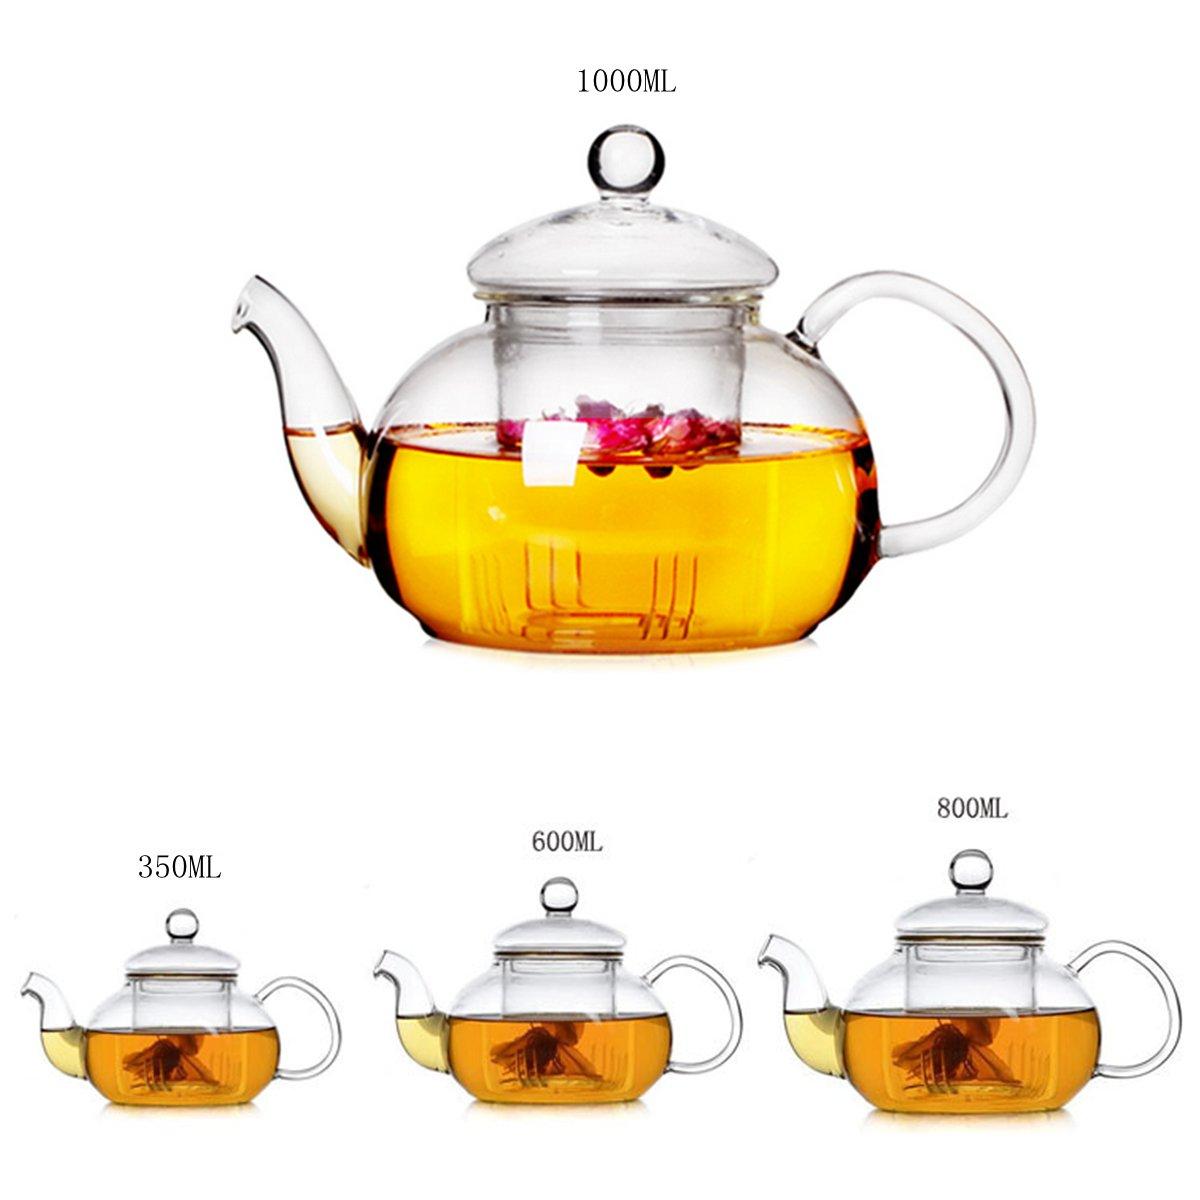 350мл-1000мл Жаростойкий стеклянный чайник и прозрачная заварочная чашка с двойными стенками